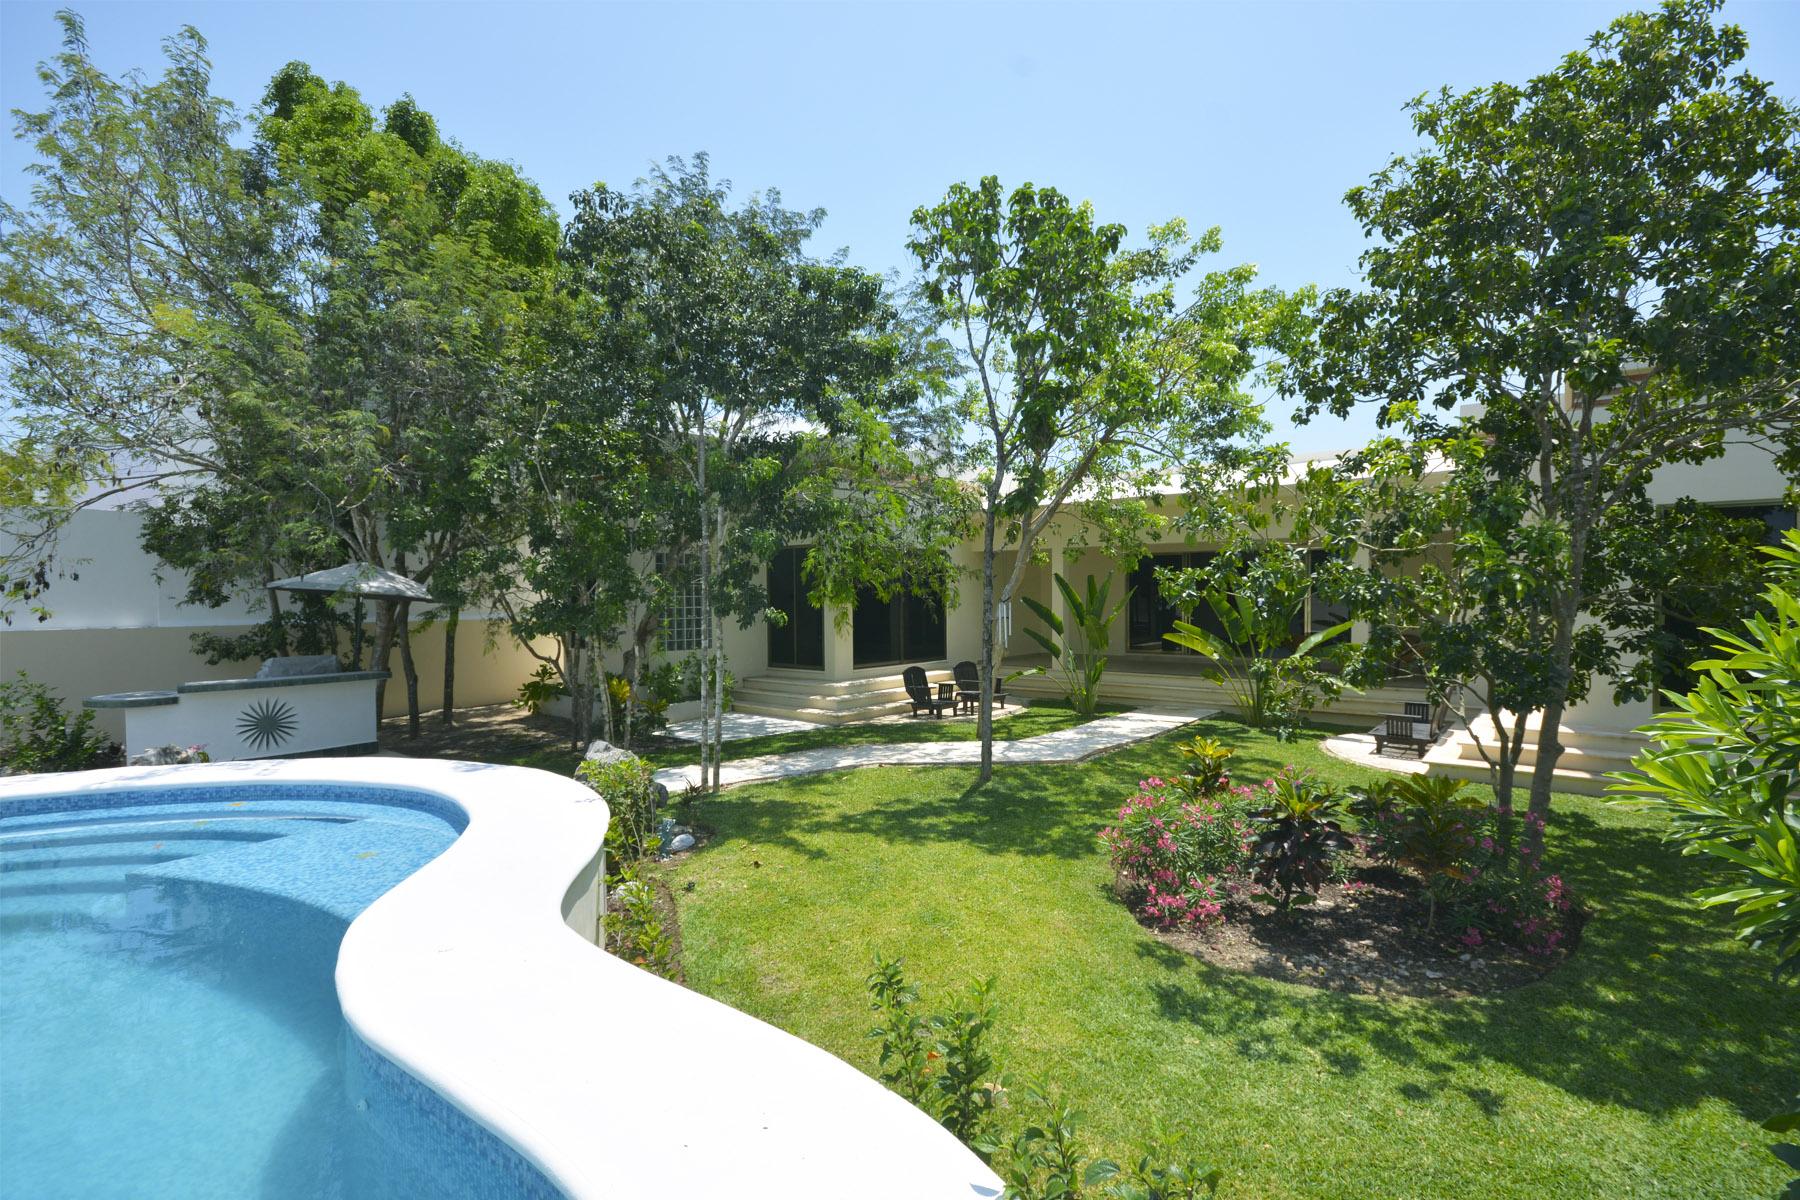 一戸建て のために 売買 アット ENCHANTING GARDEN HOUSE Playa Magna Lote número 42 Y 43 Playa Del Carmen, Quintana Roo, 77726 メキシコ